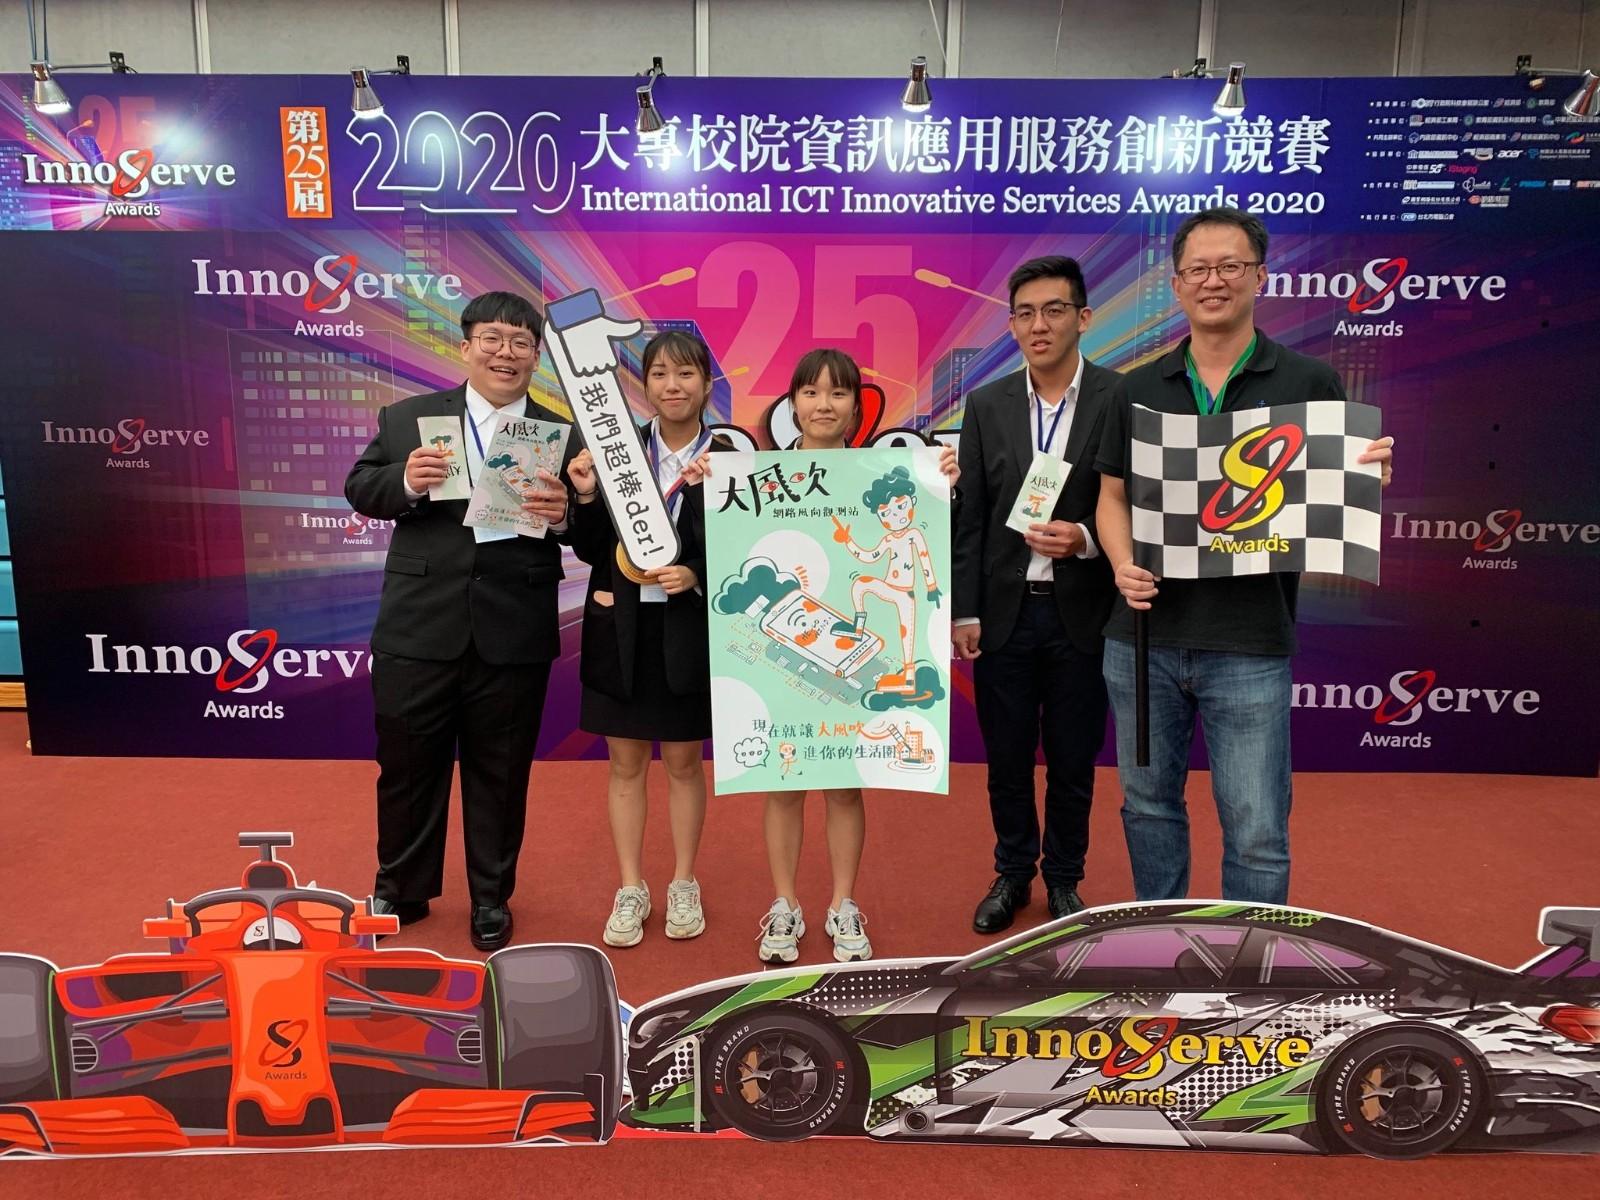 李國誠老師指導學生以「大風吹-網路風向觀測站」專題獲得佳作。.jpg